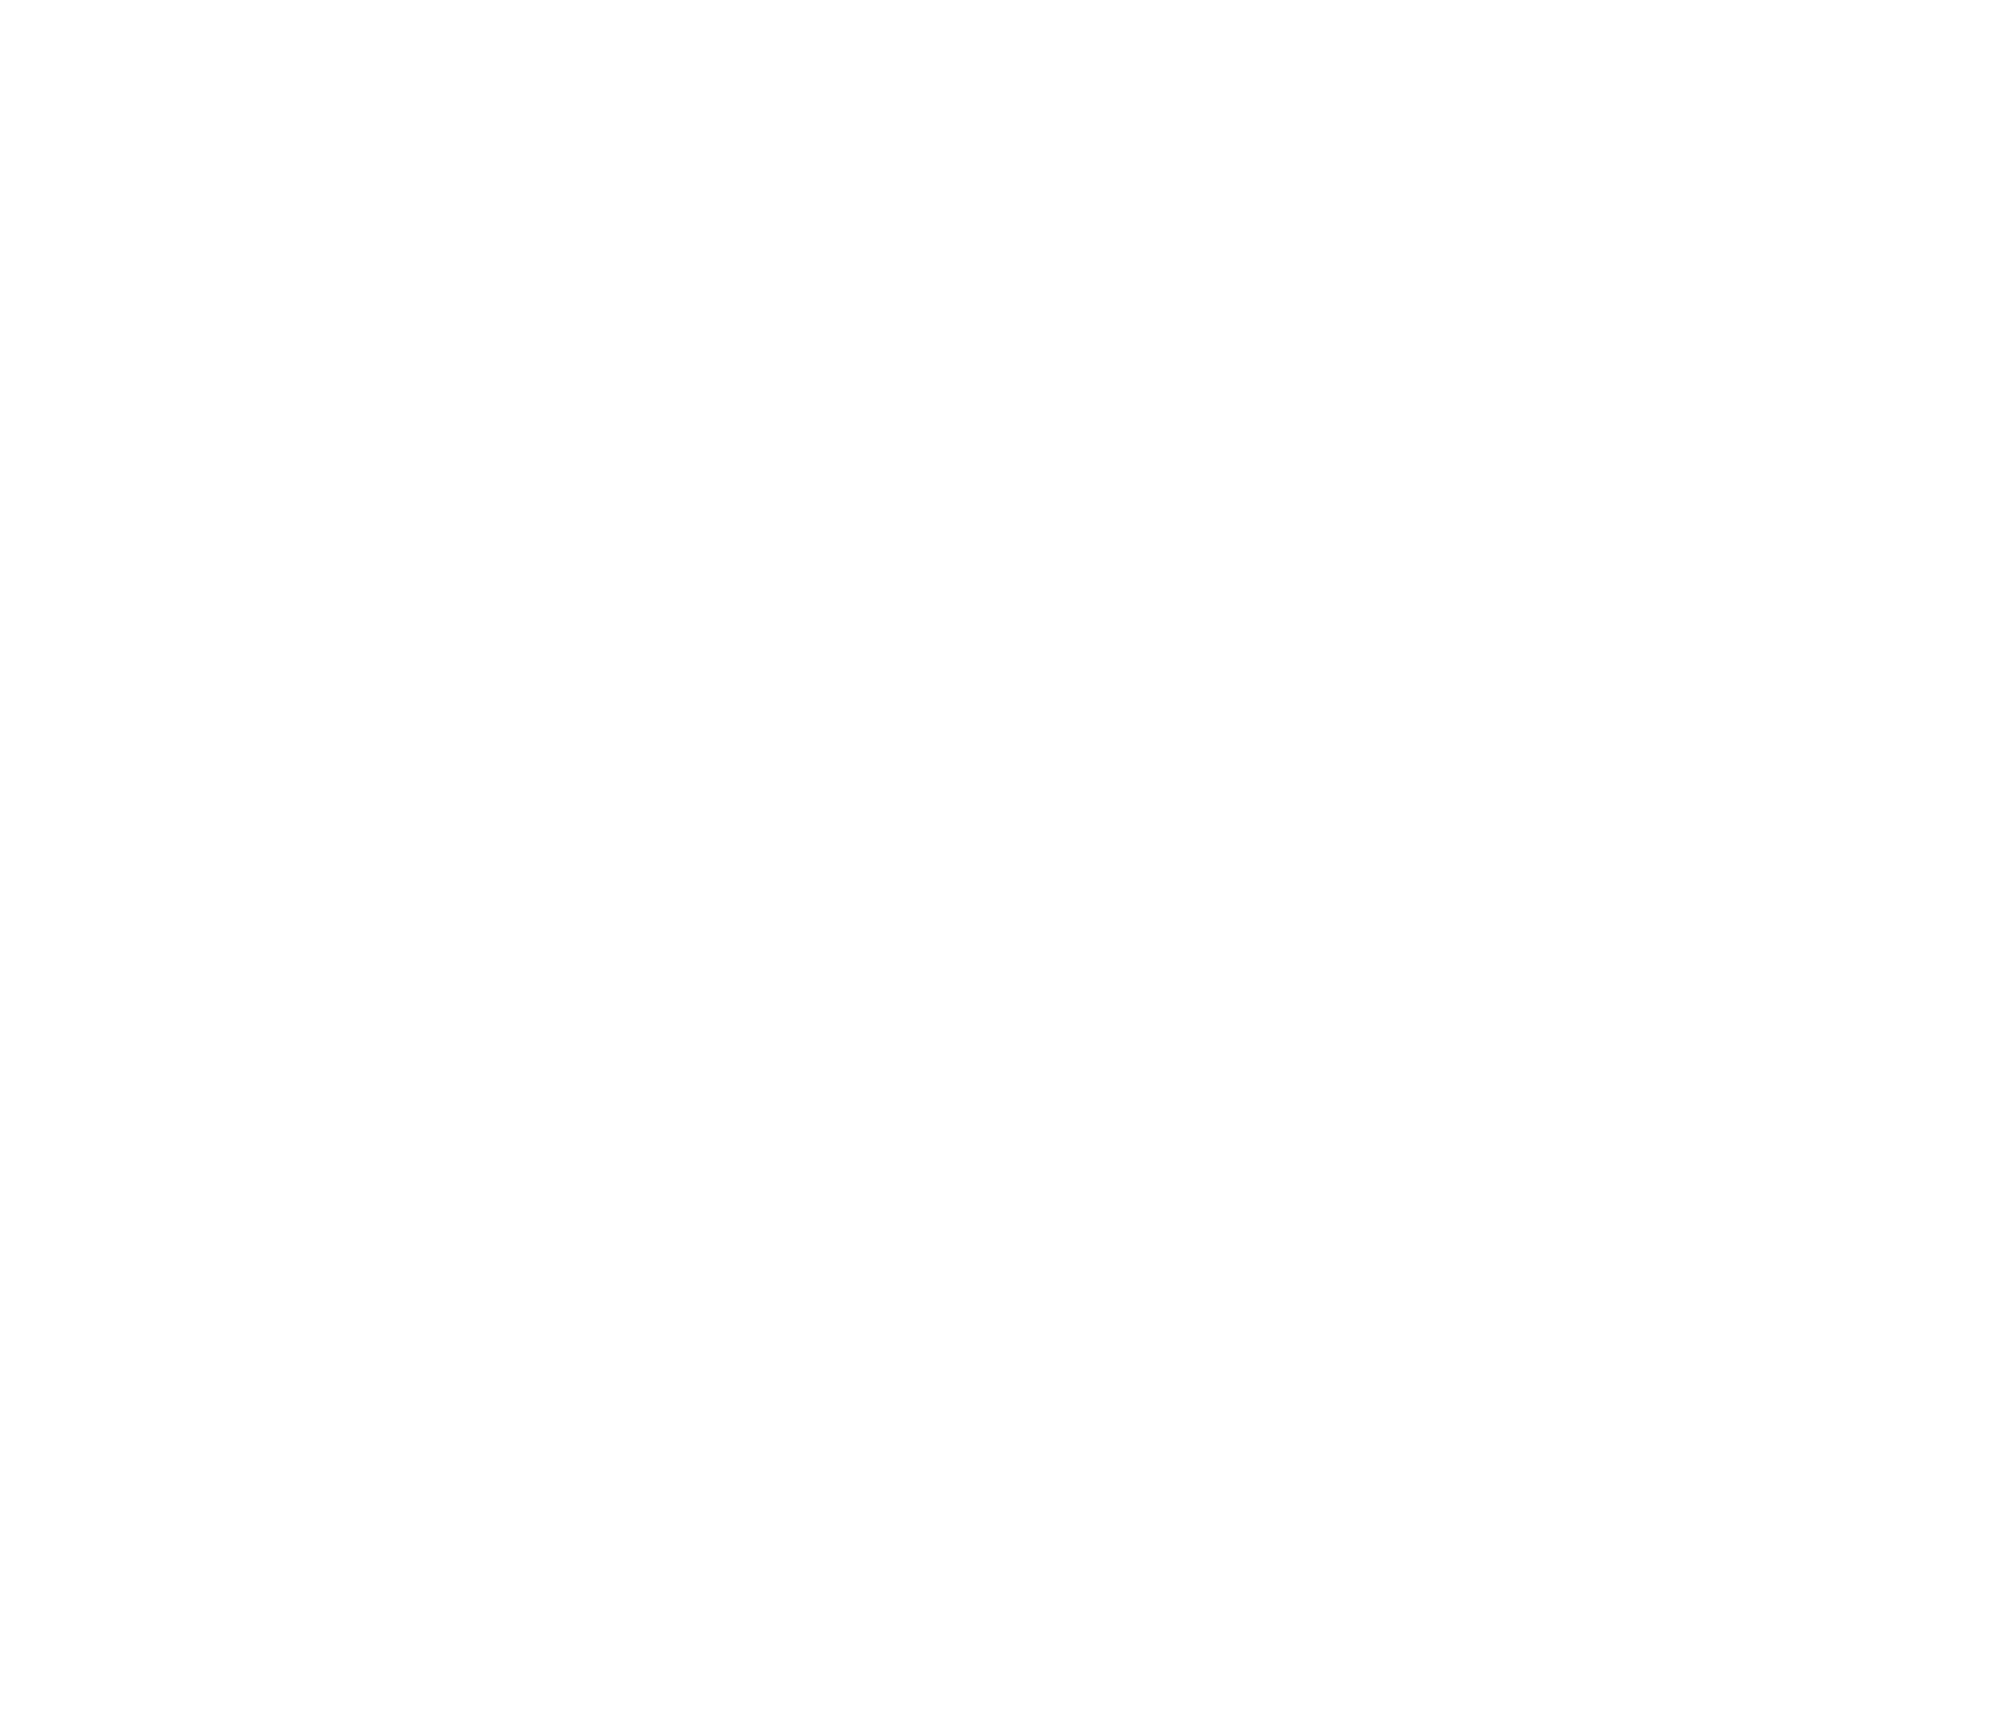 Restauratorenverband